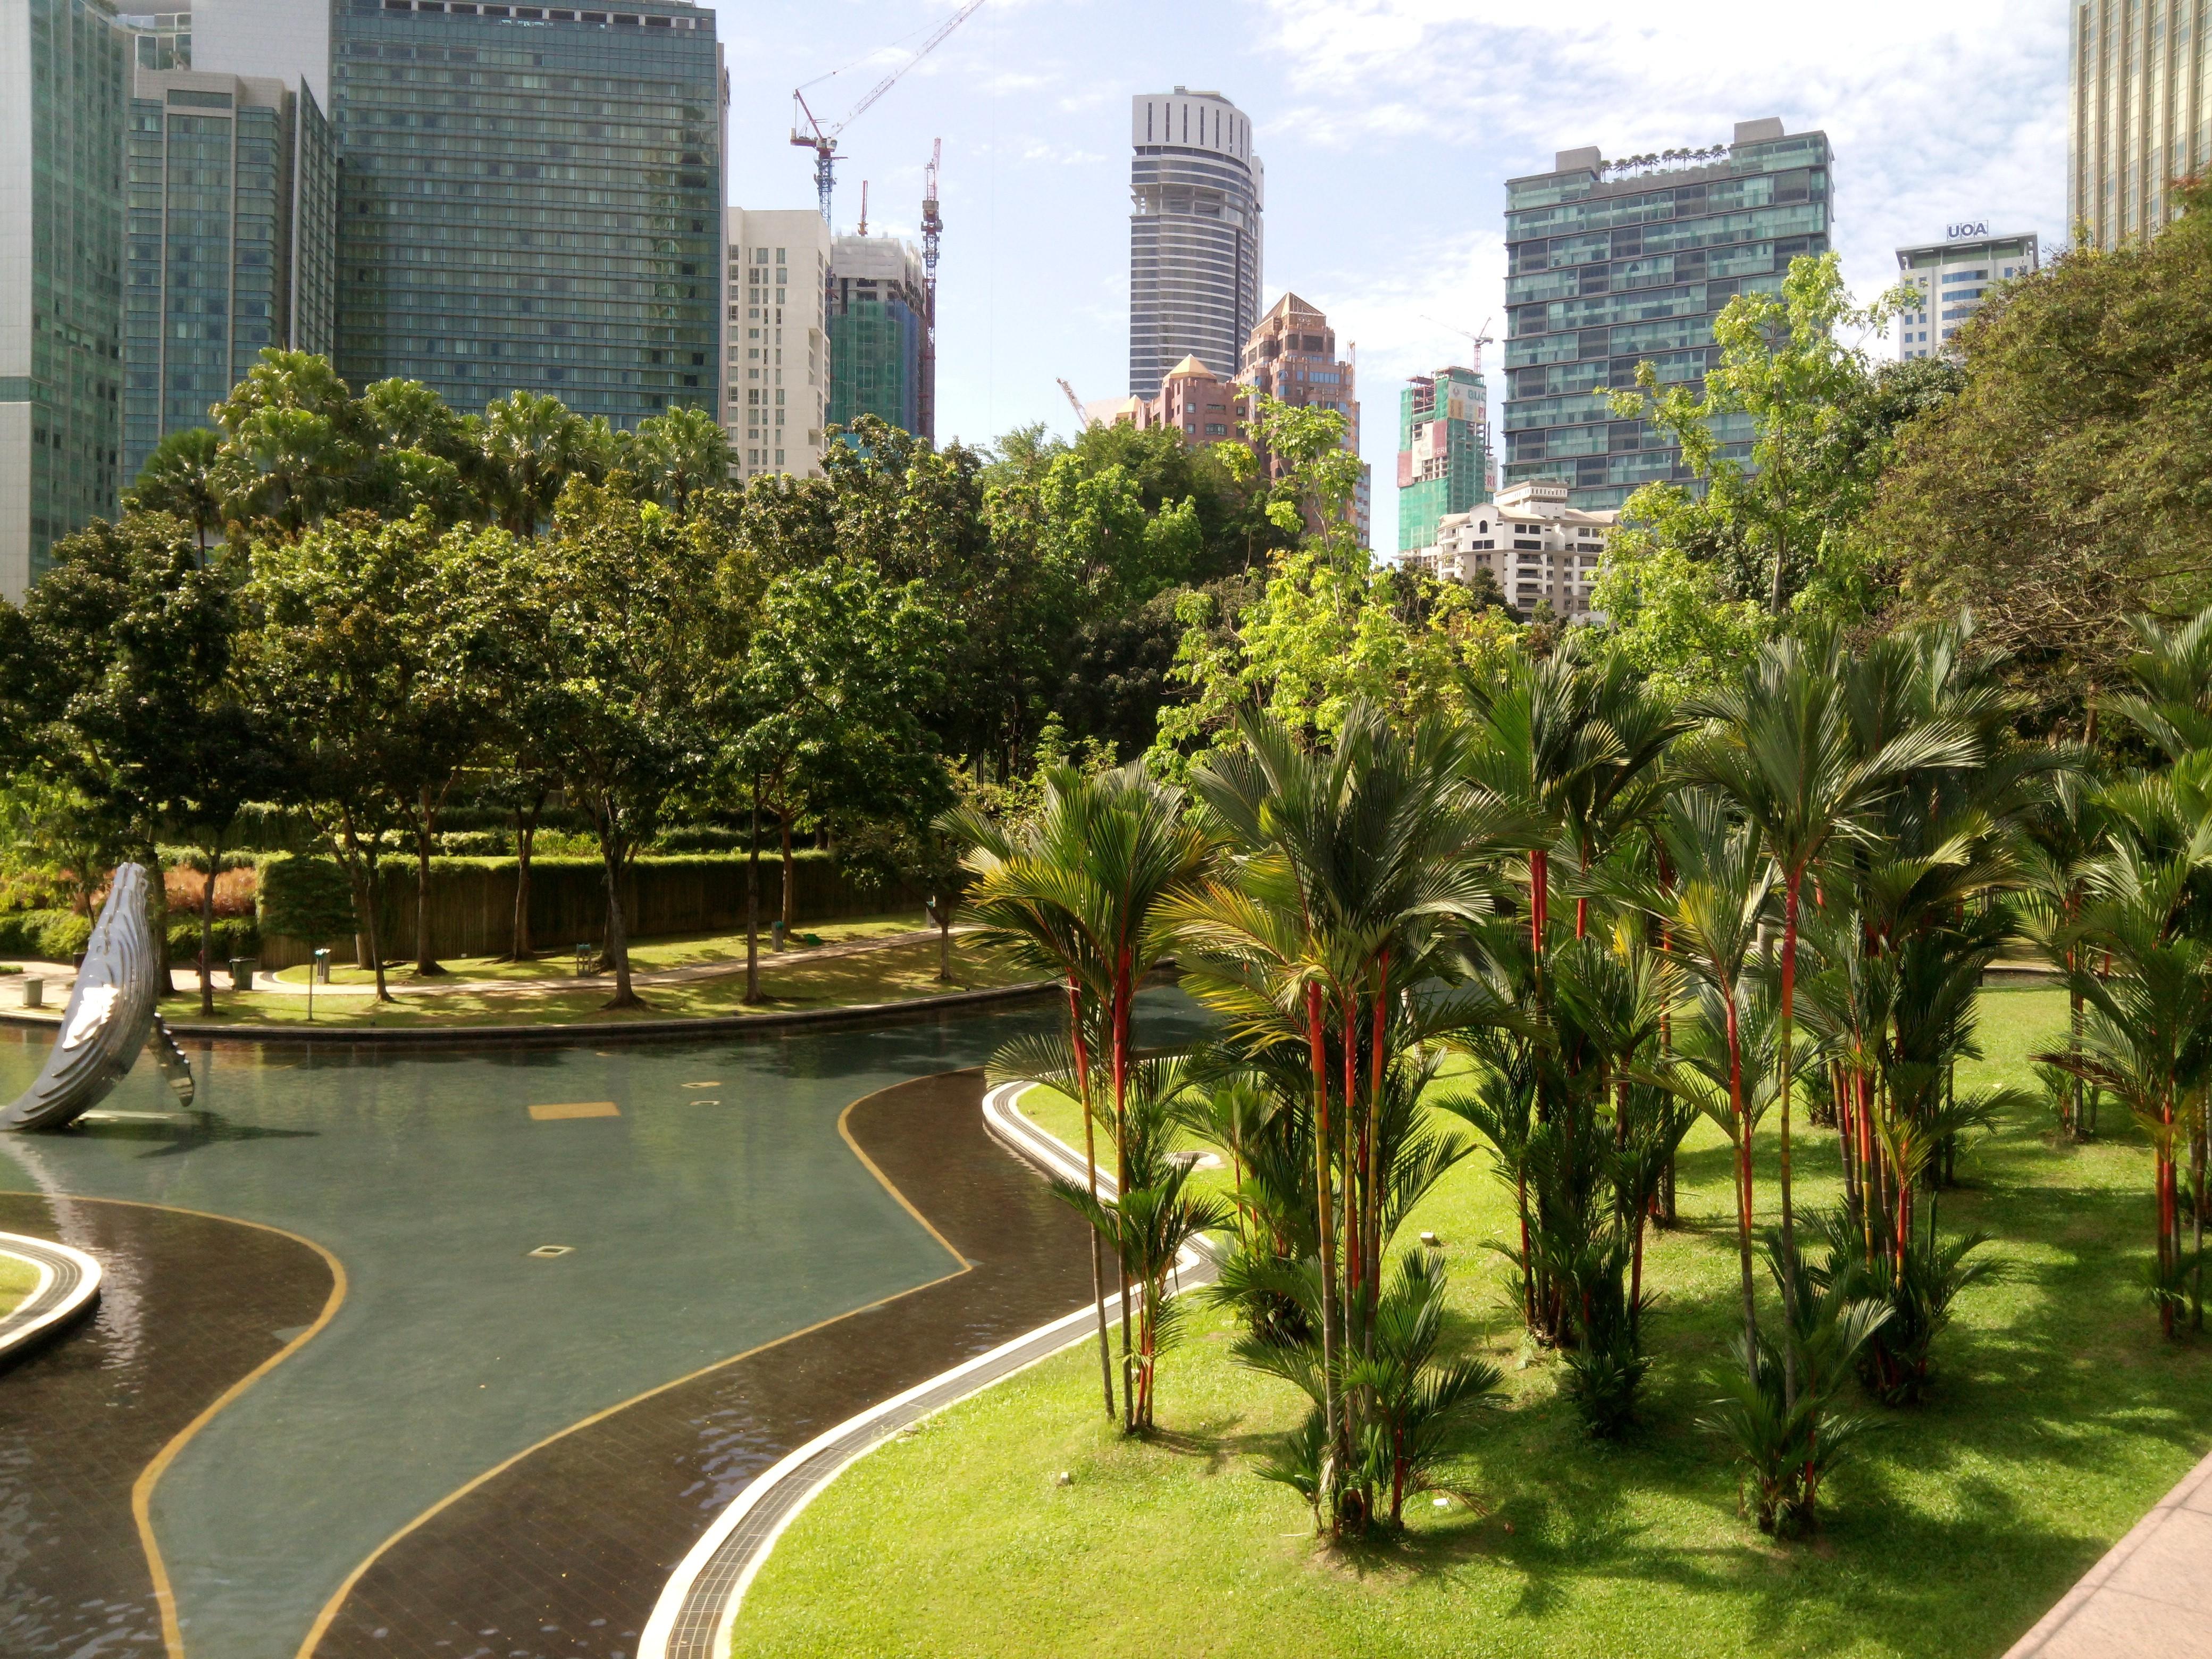 Malajzia 8 nap utazás, szállás, látnivalók - 1. Kuala Lumpur (képgalériával)